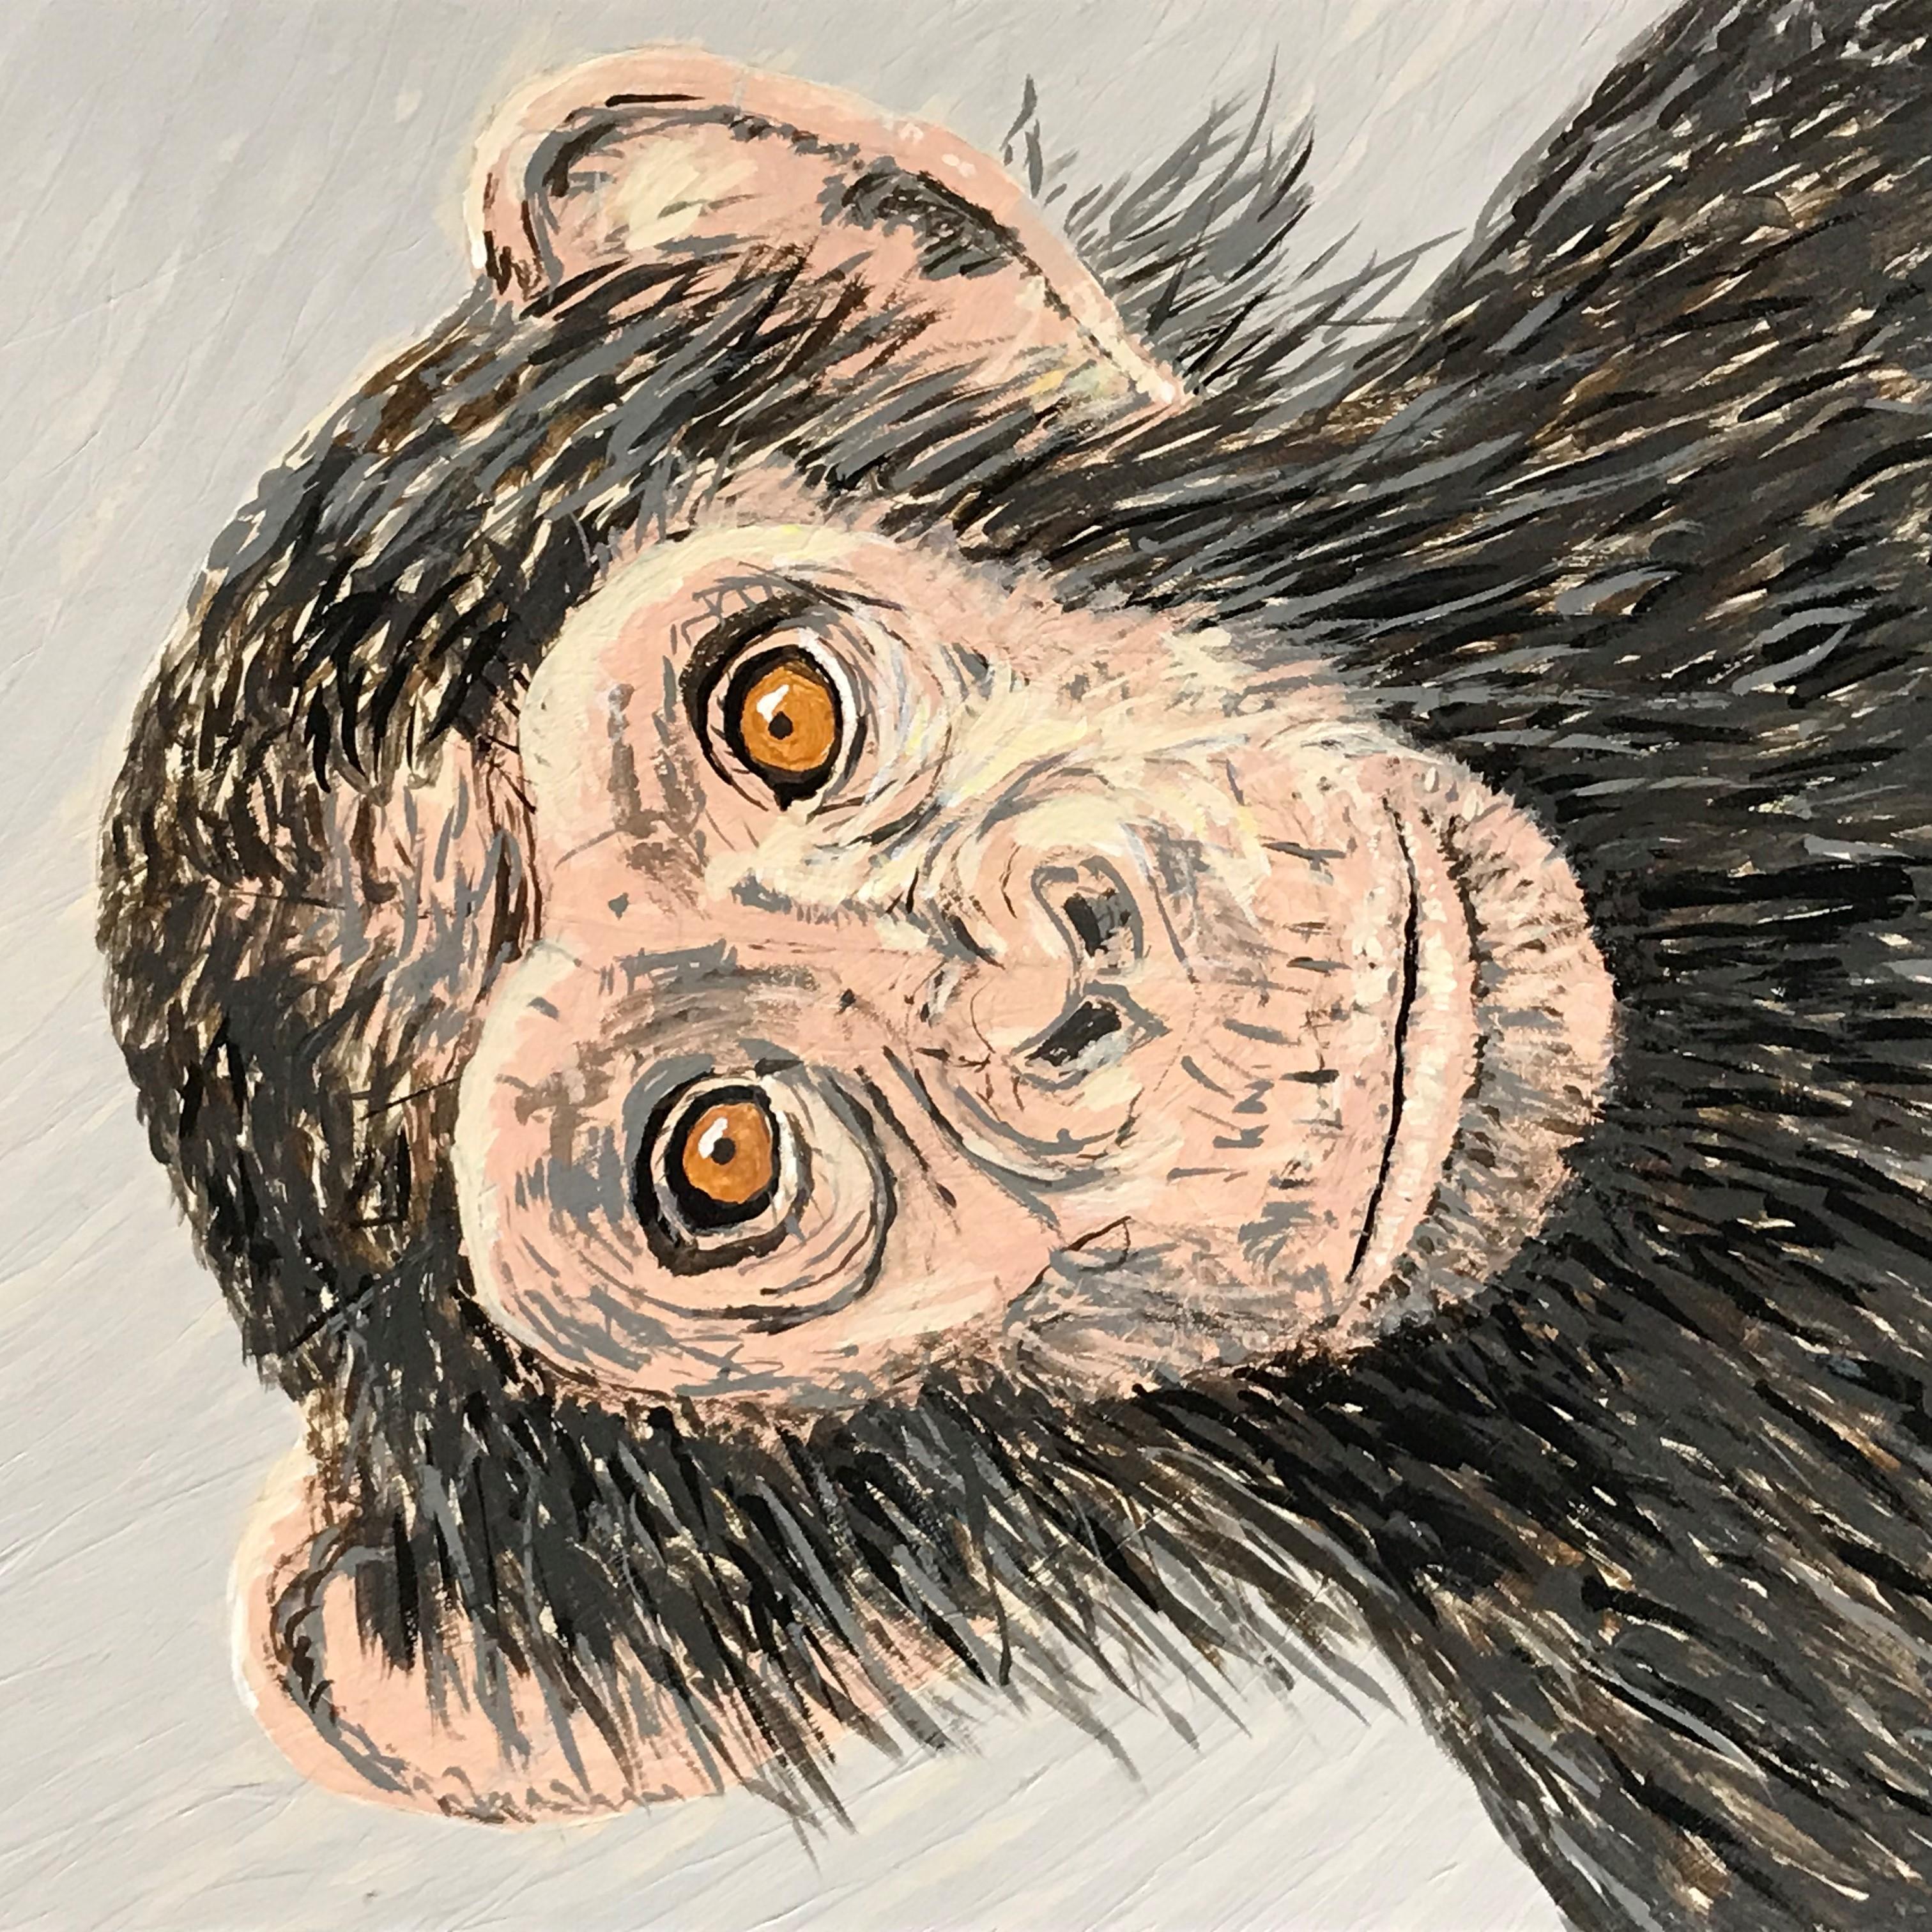 z Chimp